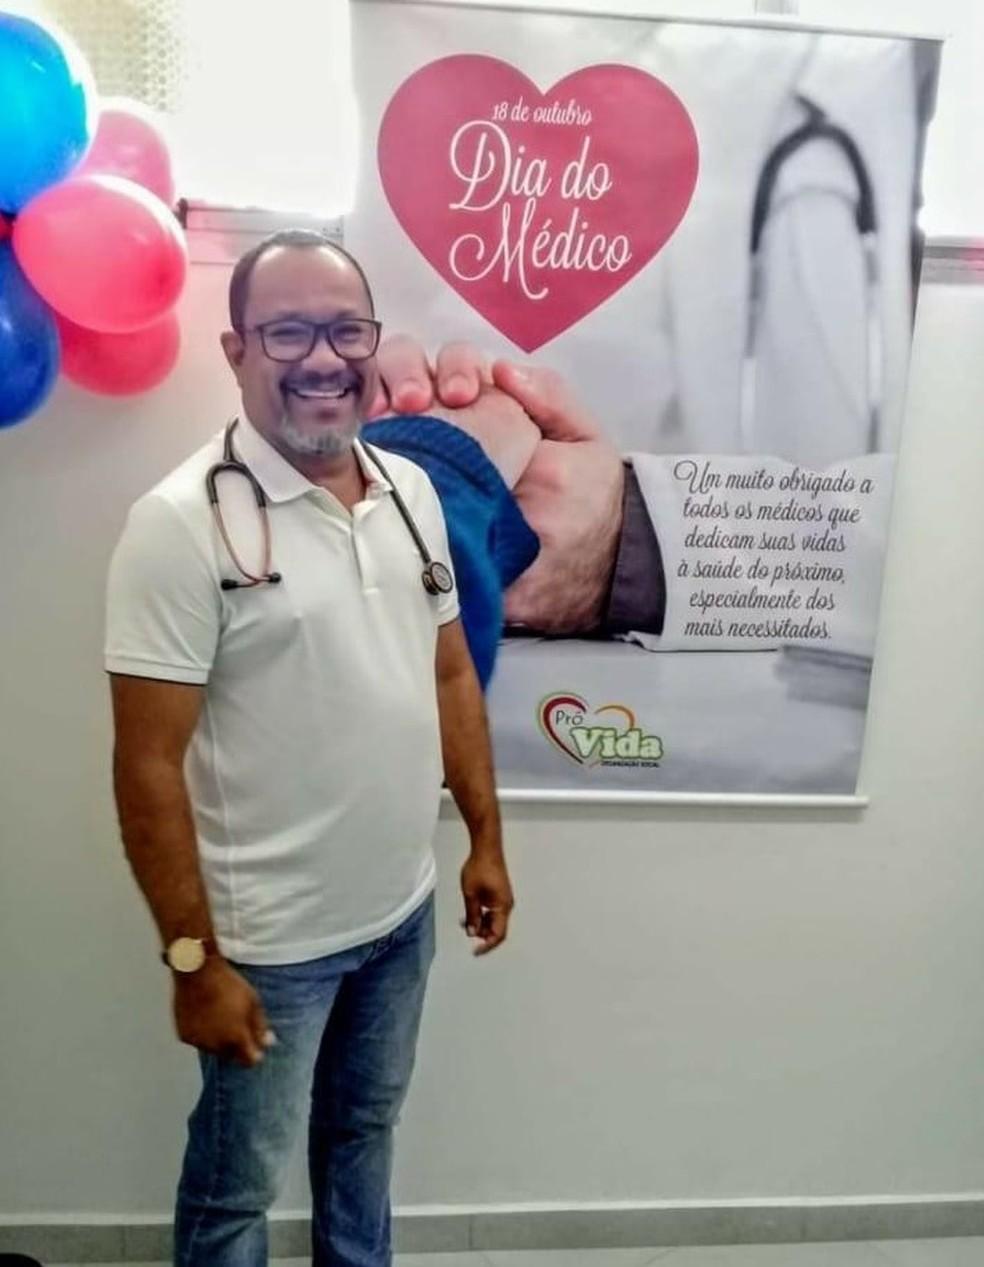 Homem que clonou documentos para atuar em unidade de saúde celebrando Dia do Médico. — Foto: Reprodução/Facebook